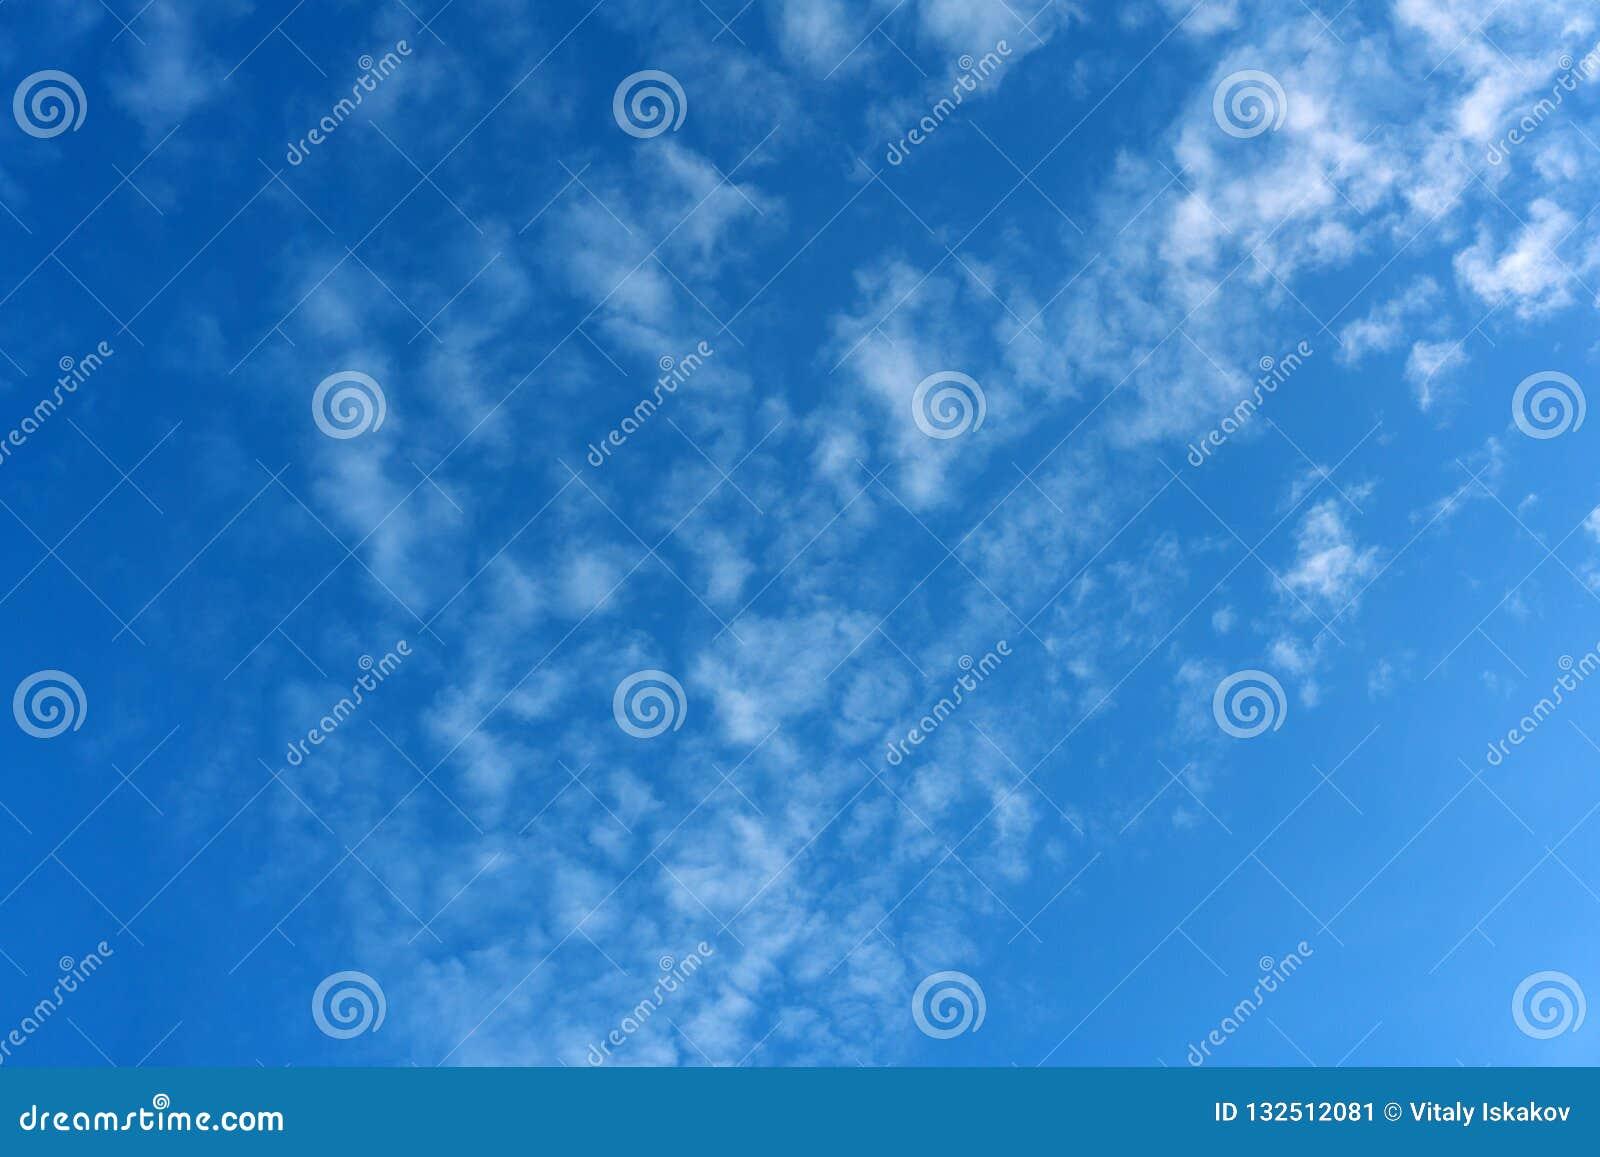 Engångs- blåa fluffiga moln drog åt fullständigt all himmel över havet som solen inte är synlig ännu, det bak horisonten, men str